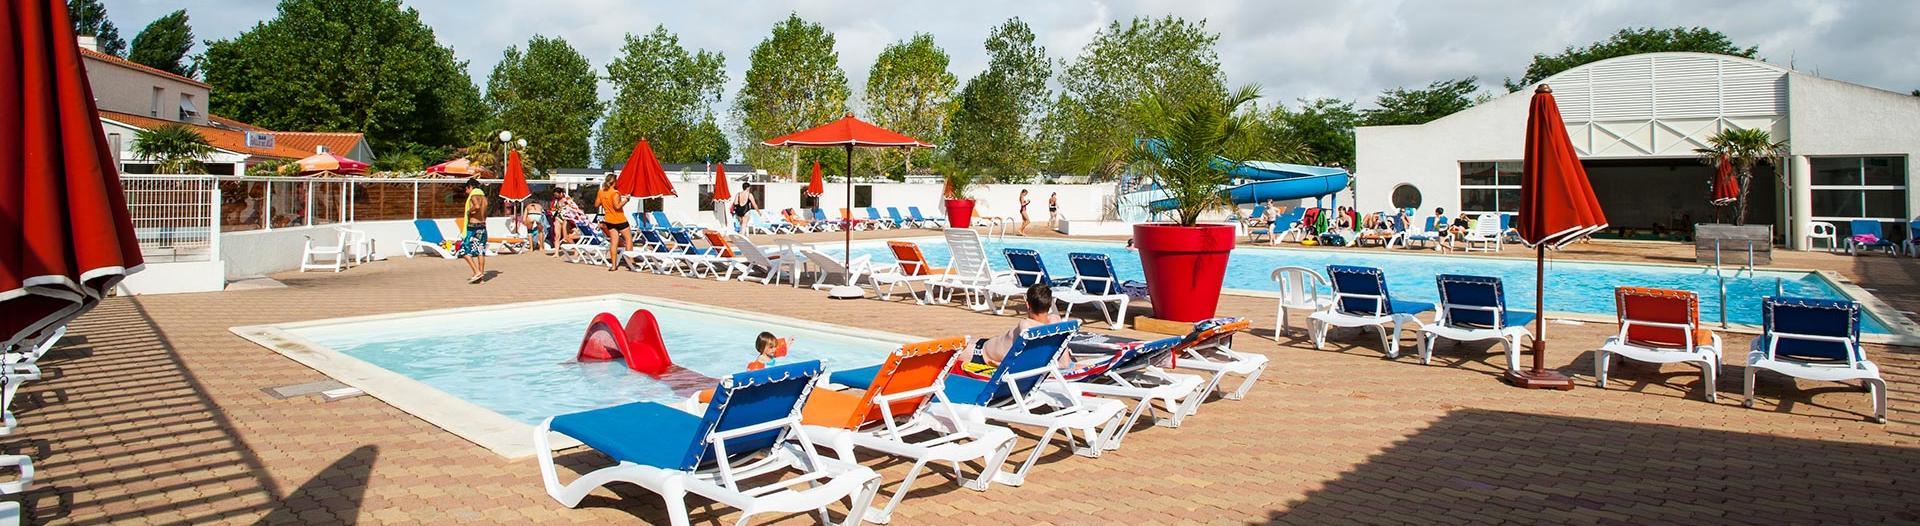 slider-camping-le-jard-piscine